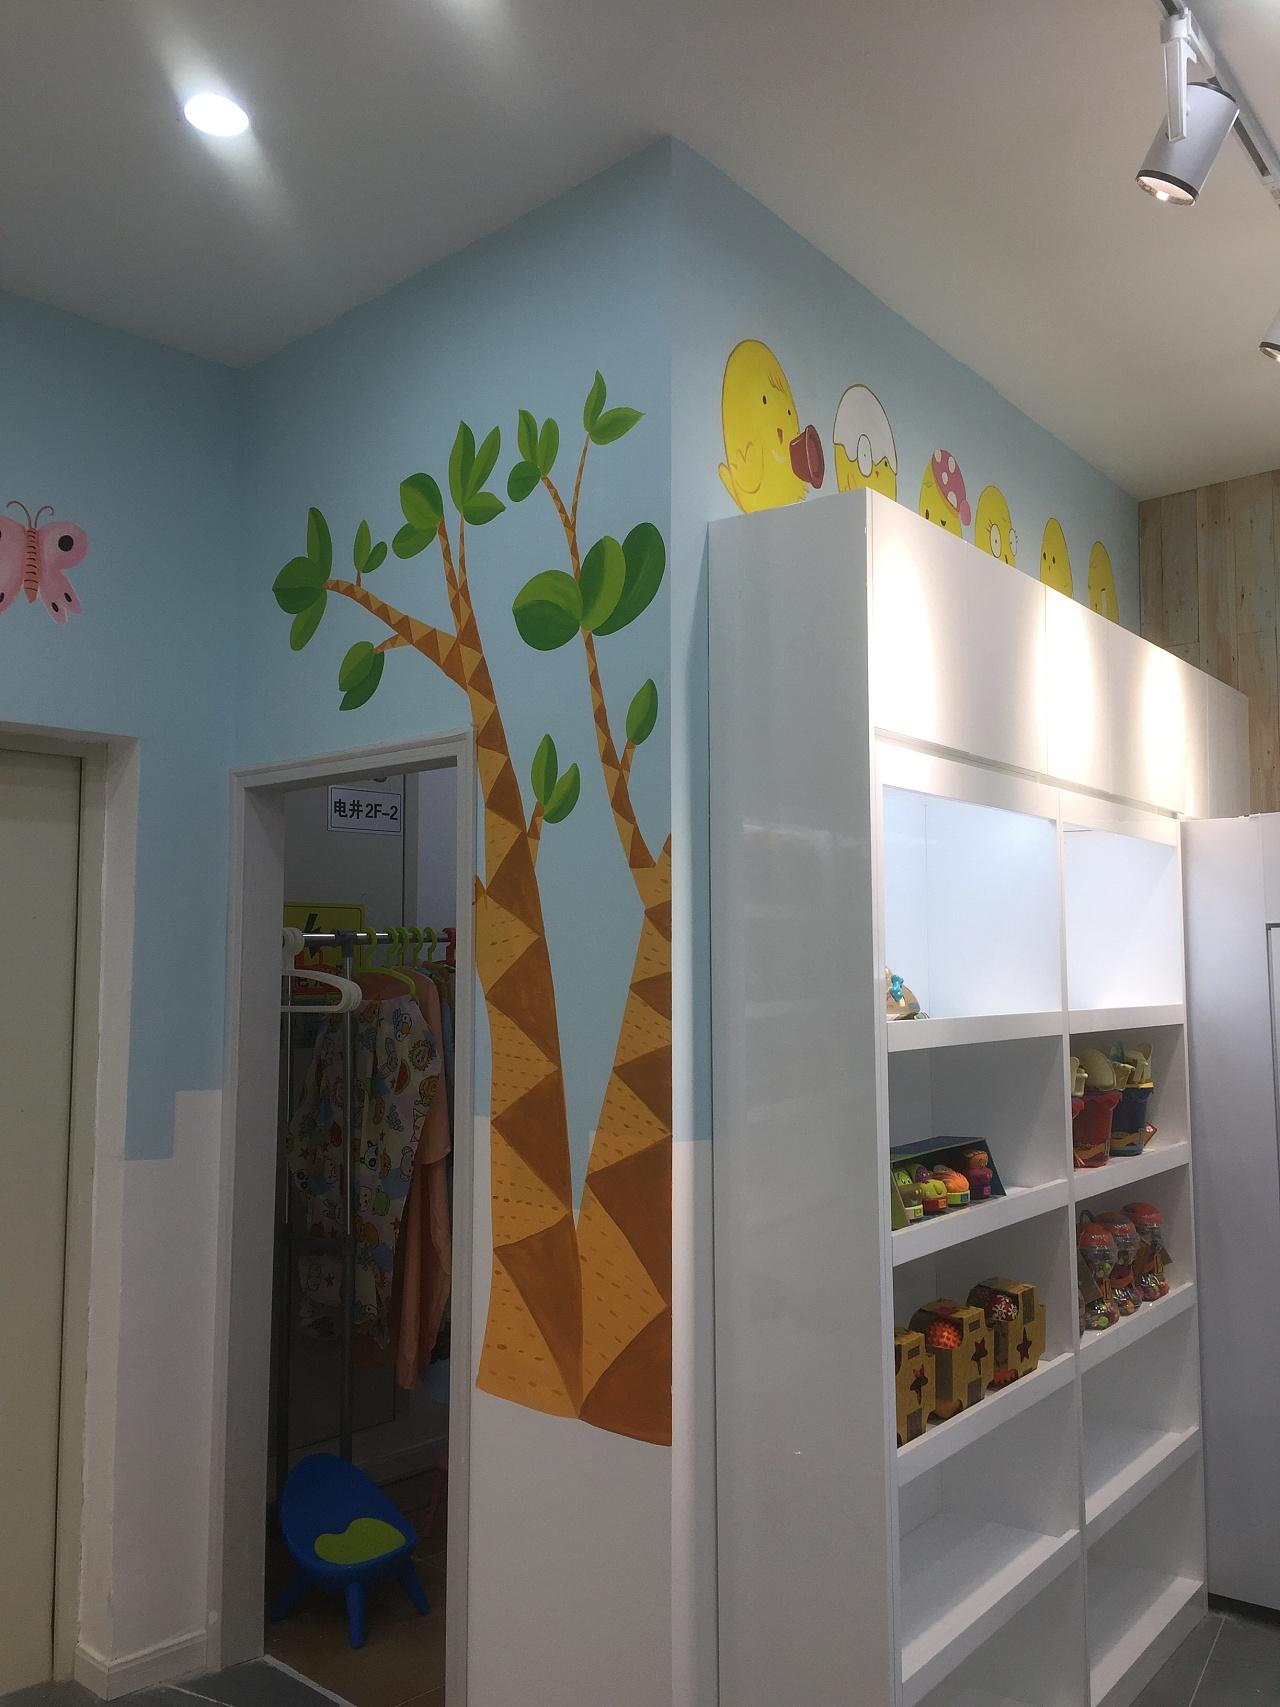 卡通儿童理发店墙绘 其他 墙绘/立体画 墨品手绘hyl